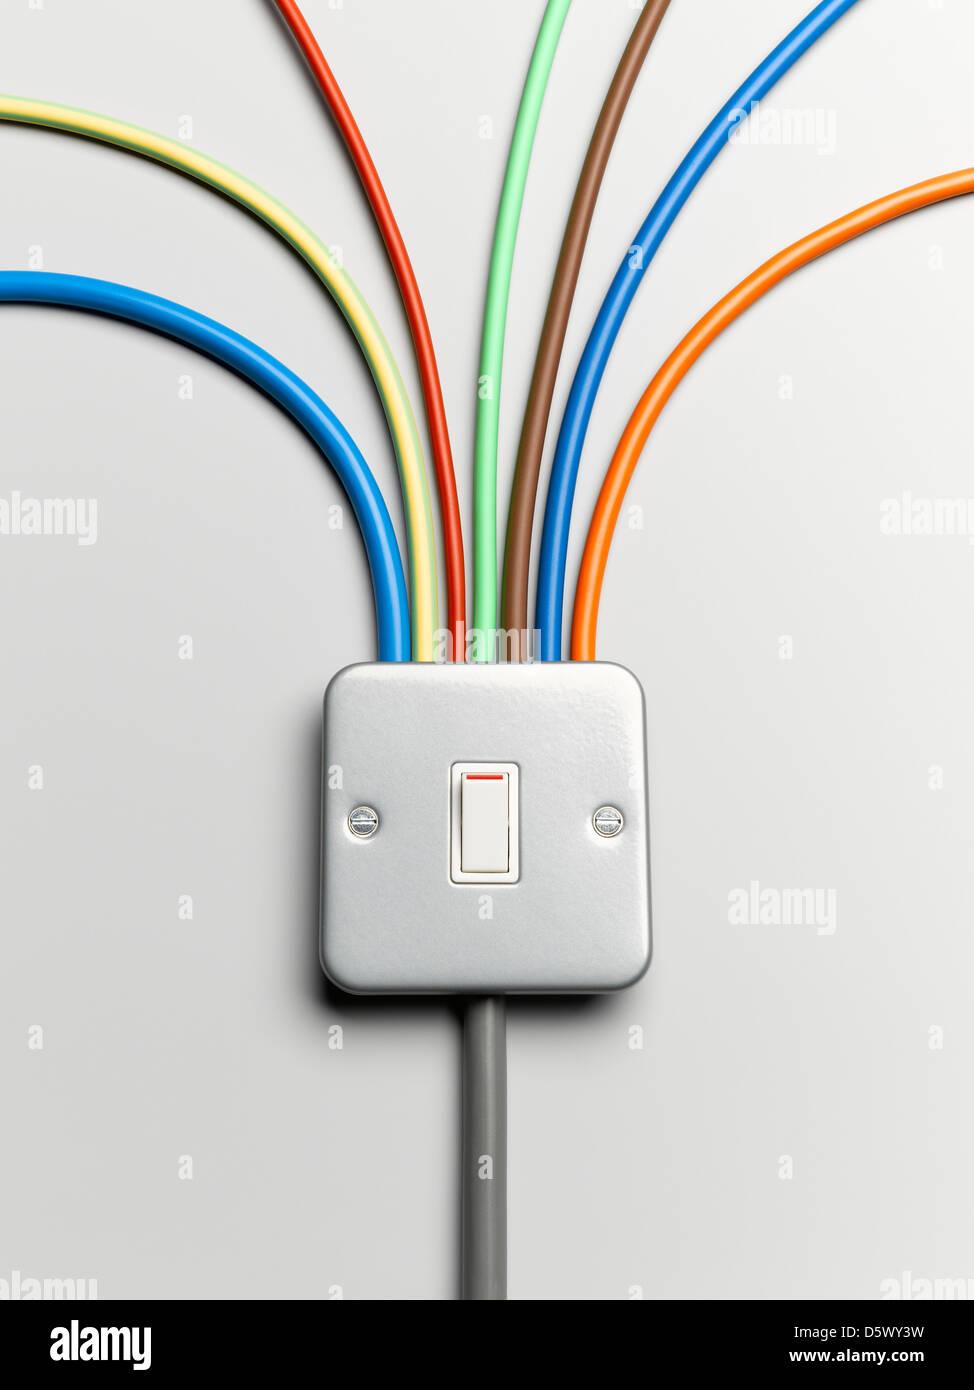 Cables de colores desde el interruptor de luces Imagen De Stock